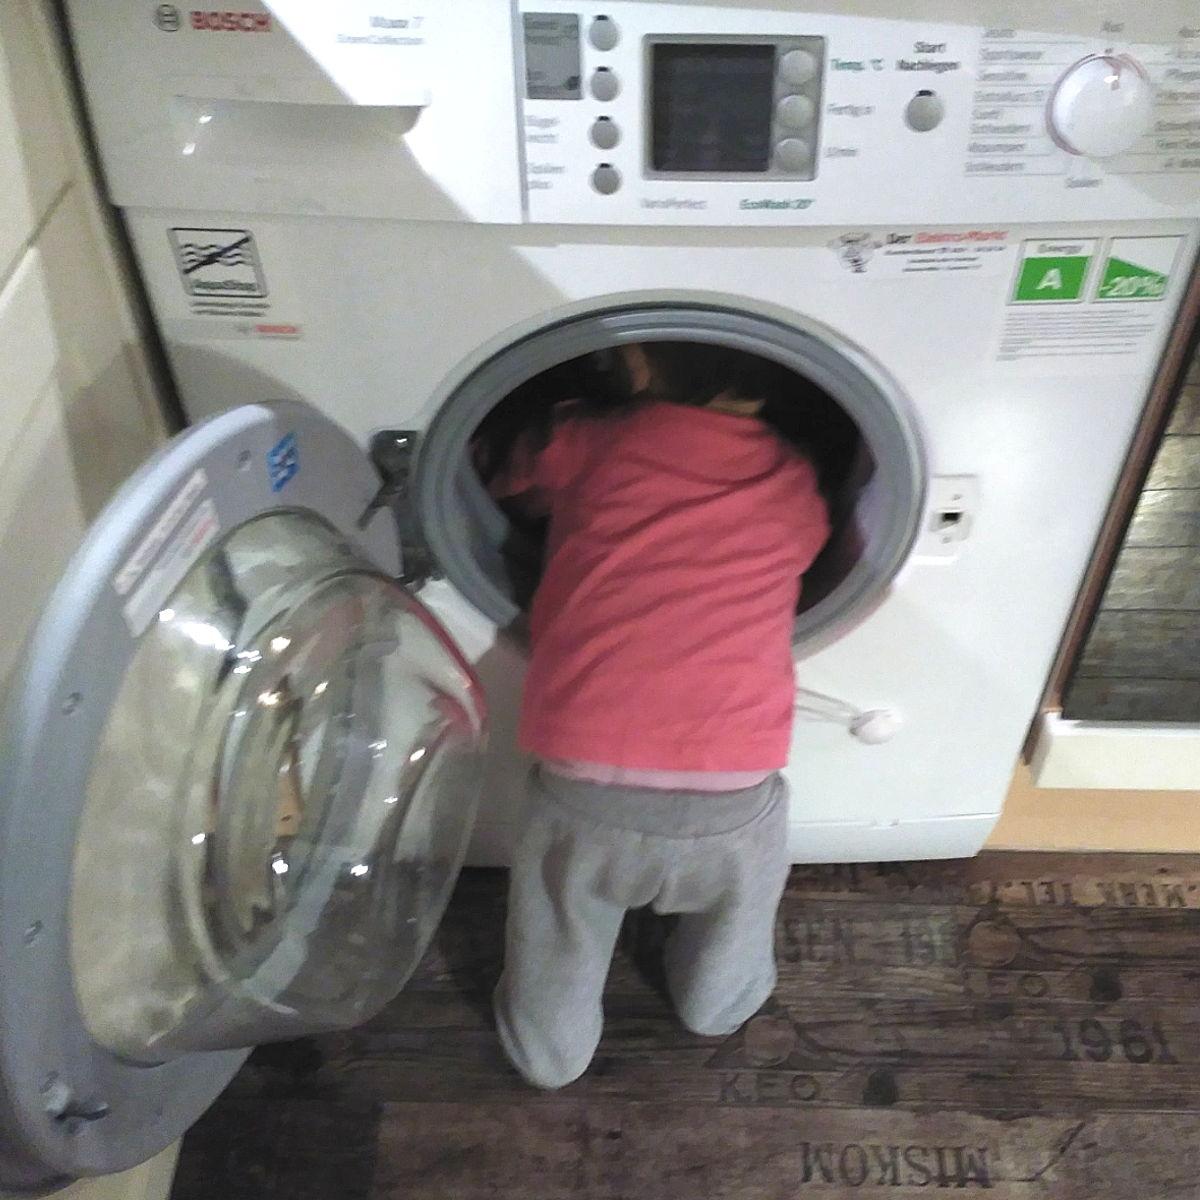 Mucho ojo con la lavadora, puede ser un peligro para el bebé